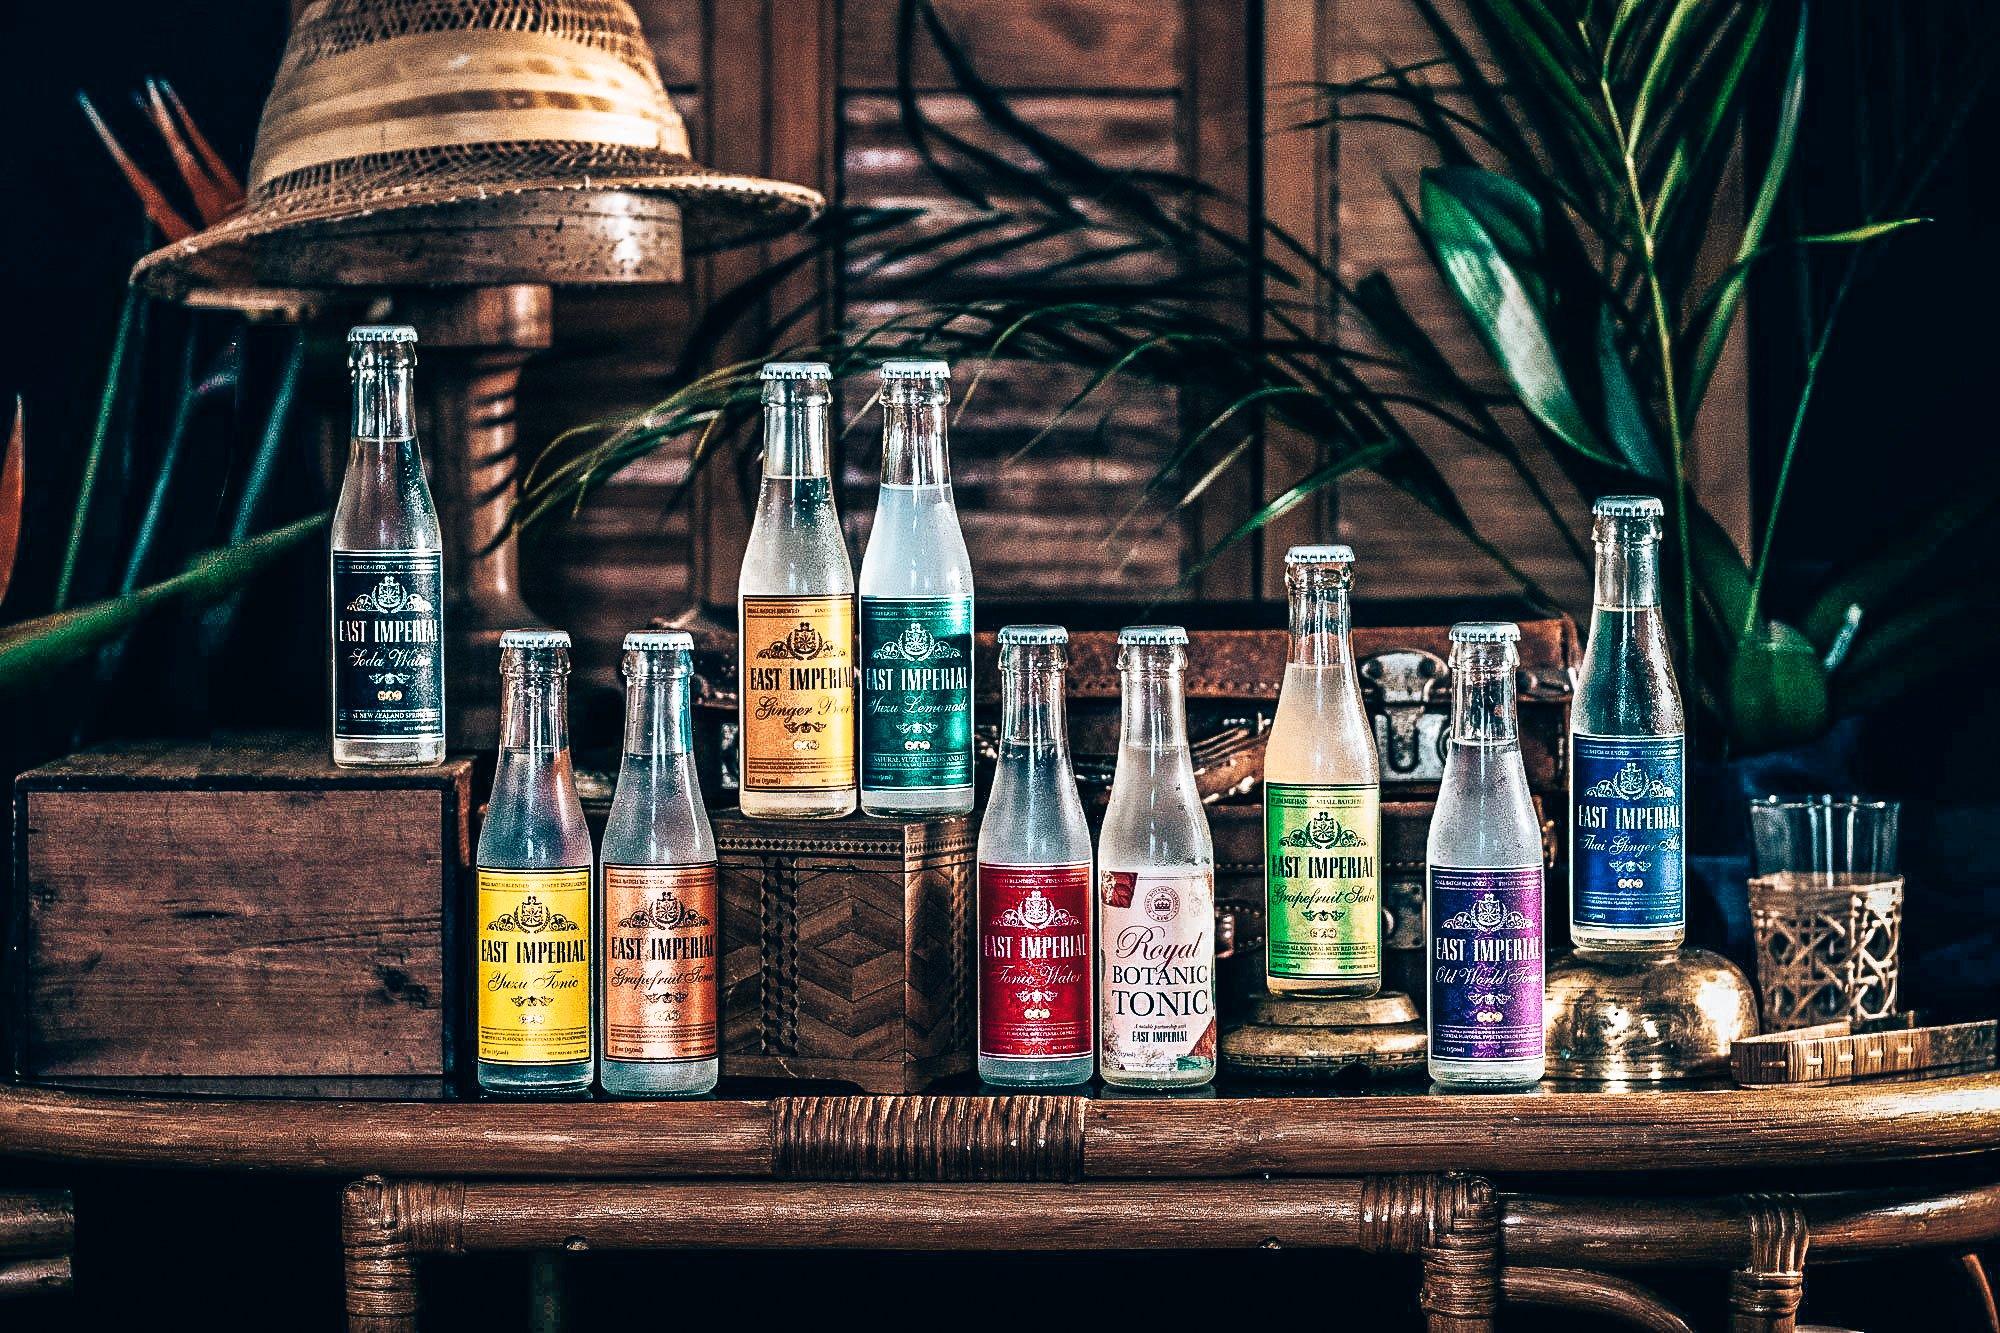 East Imperial tonics en premium mixers range, Alles over gin.